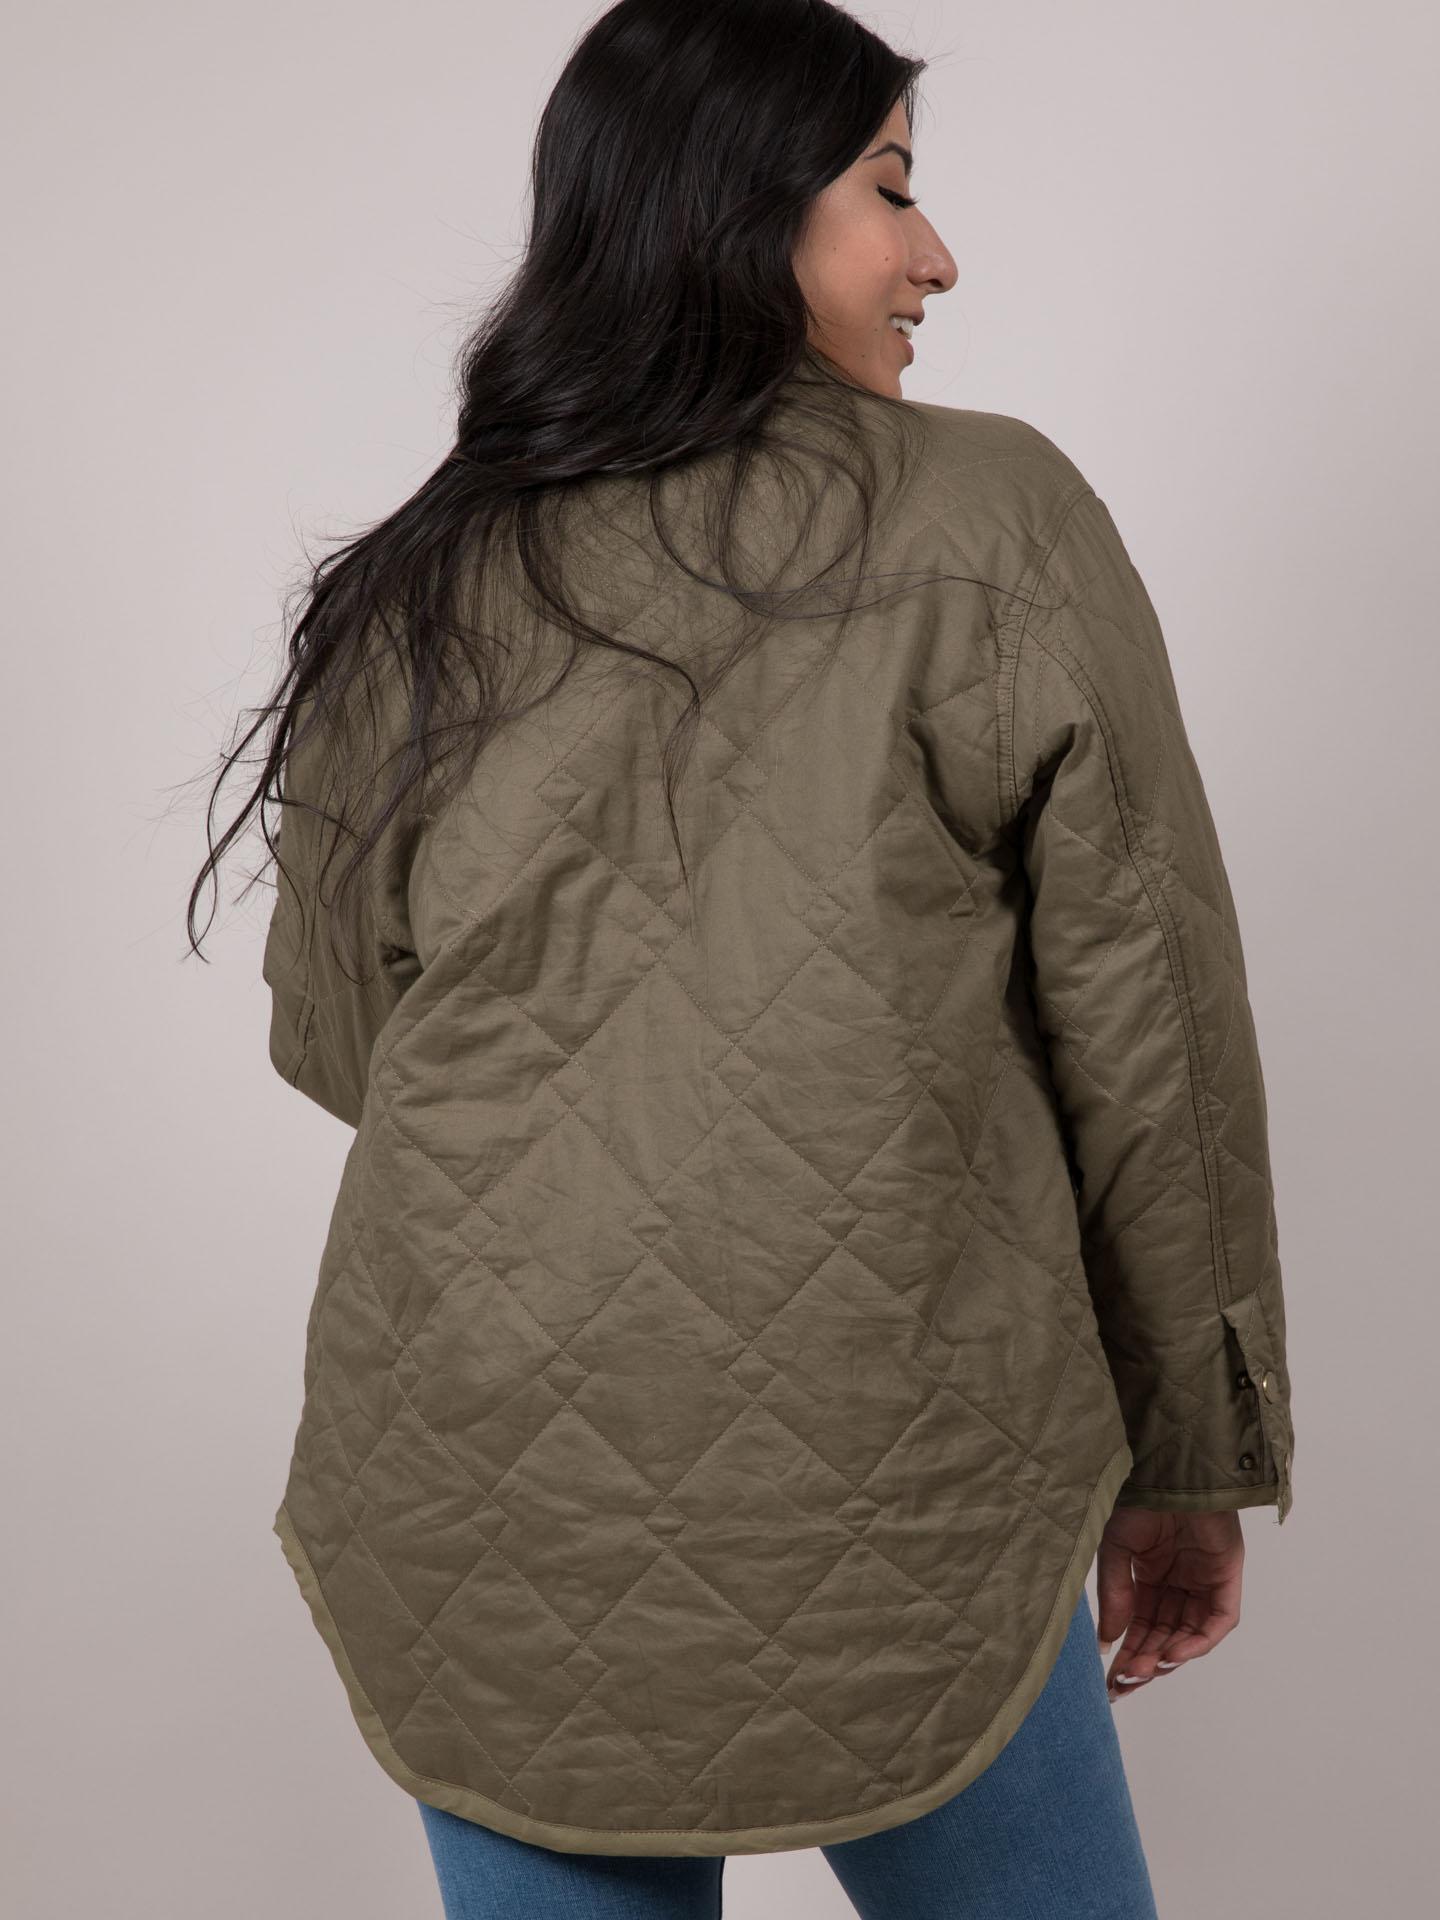 Queen Elizabeth Coat